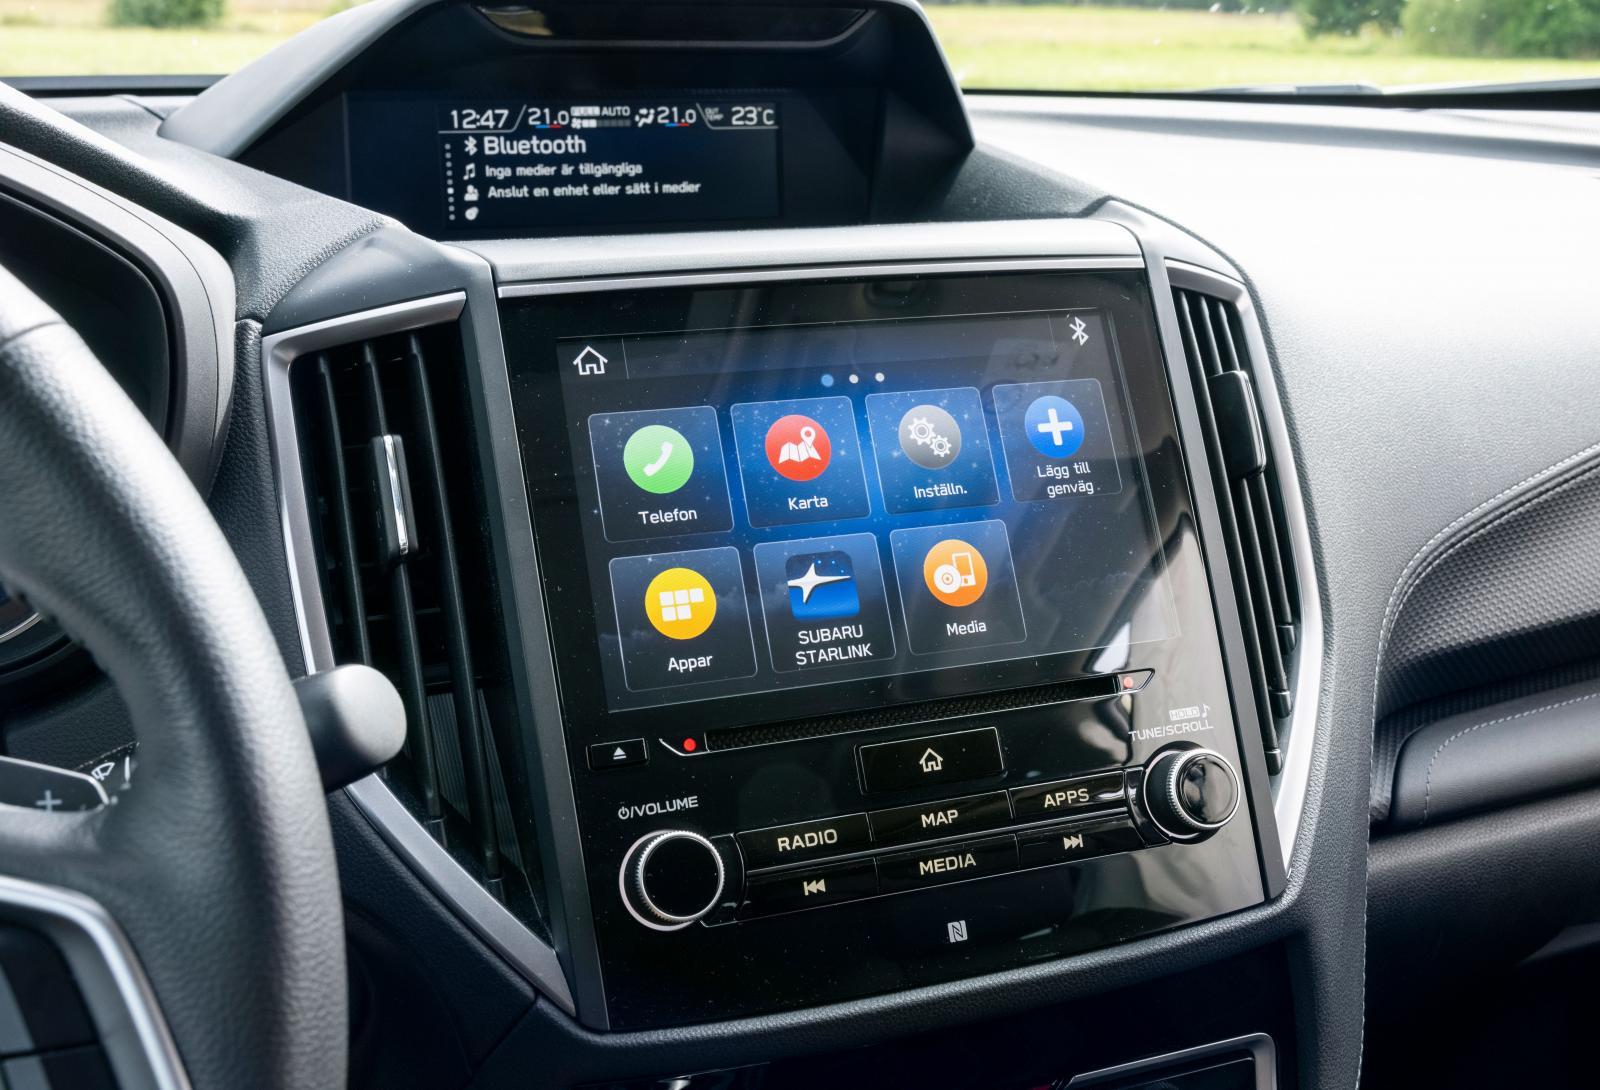 Subaru: Knappast sista skriket i hantering eller design men efterhand lär man sig att hitta. Bra knappar och vred. Subaru är alltjämt försedd med cd-spelare, en raritet numera.